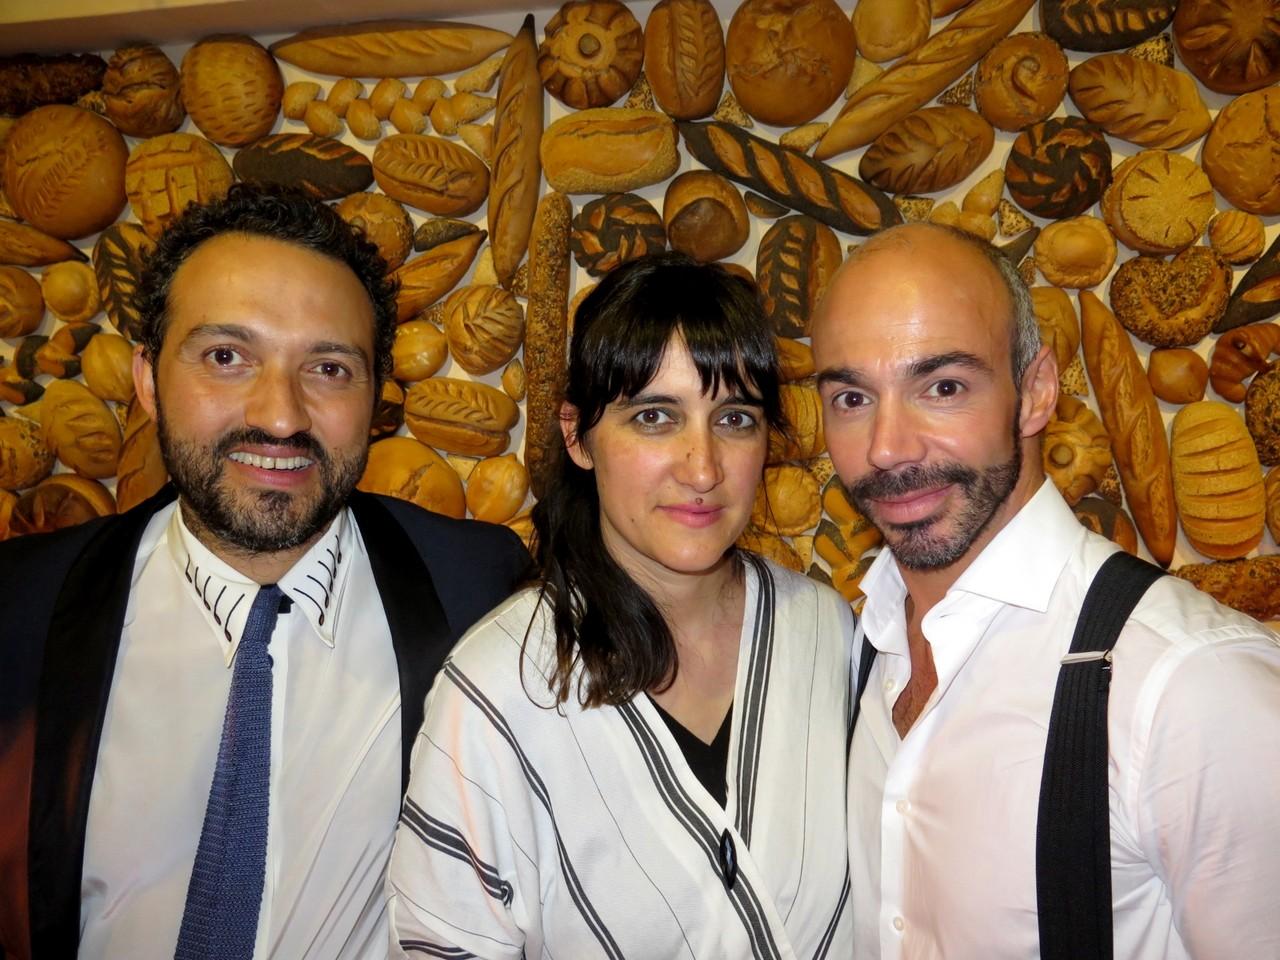 Silk, Joana Astolfi, Nuno Carvalho (CEO d'A PADARIA PORTUGUESA)